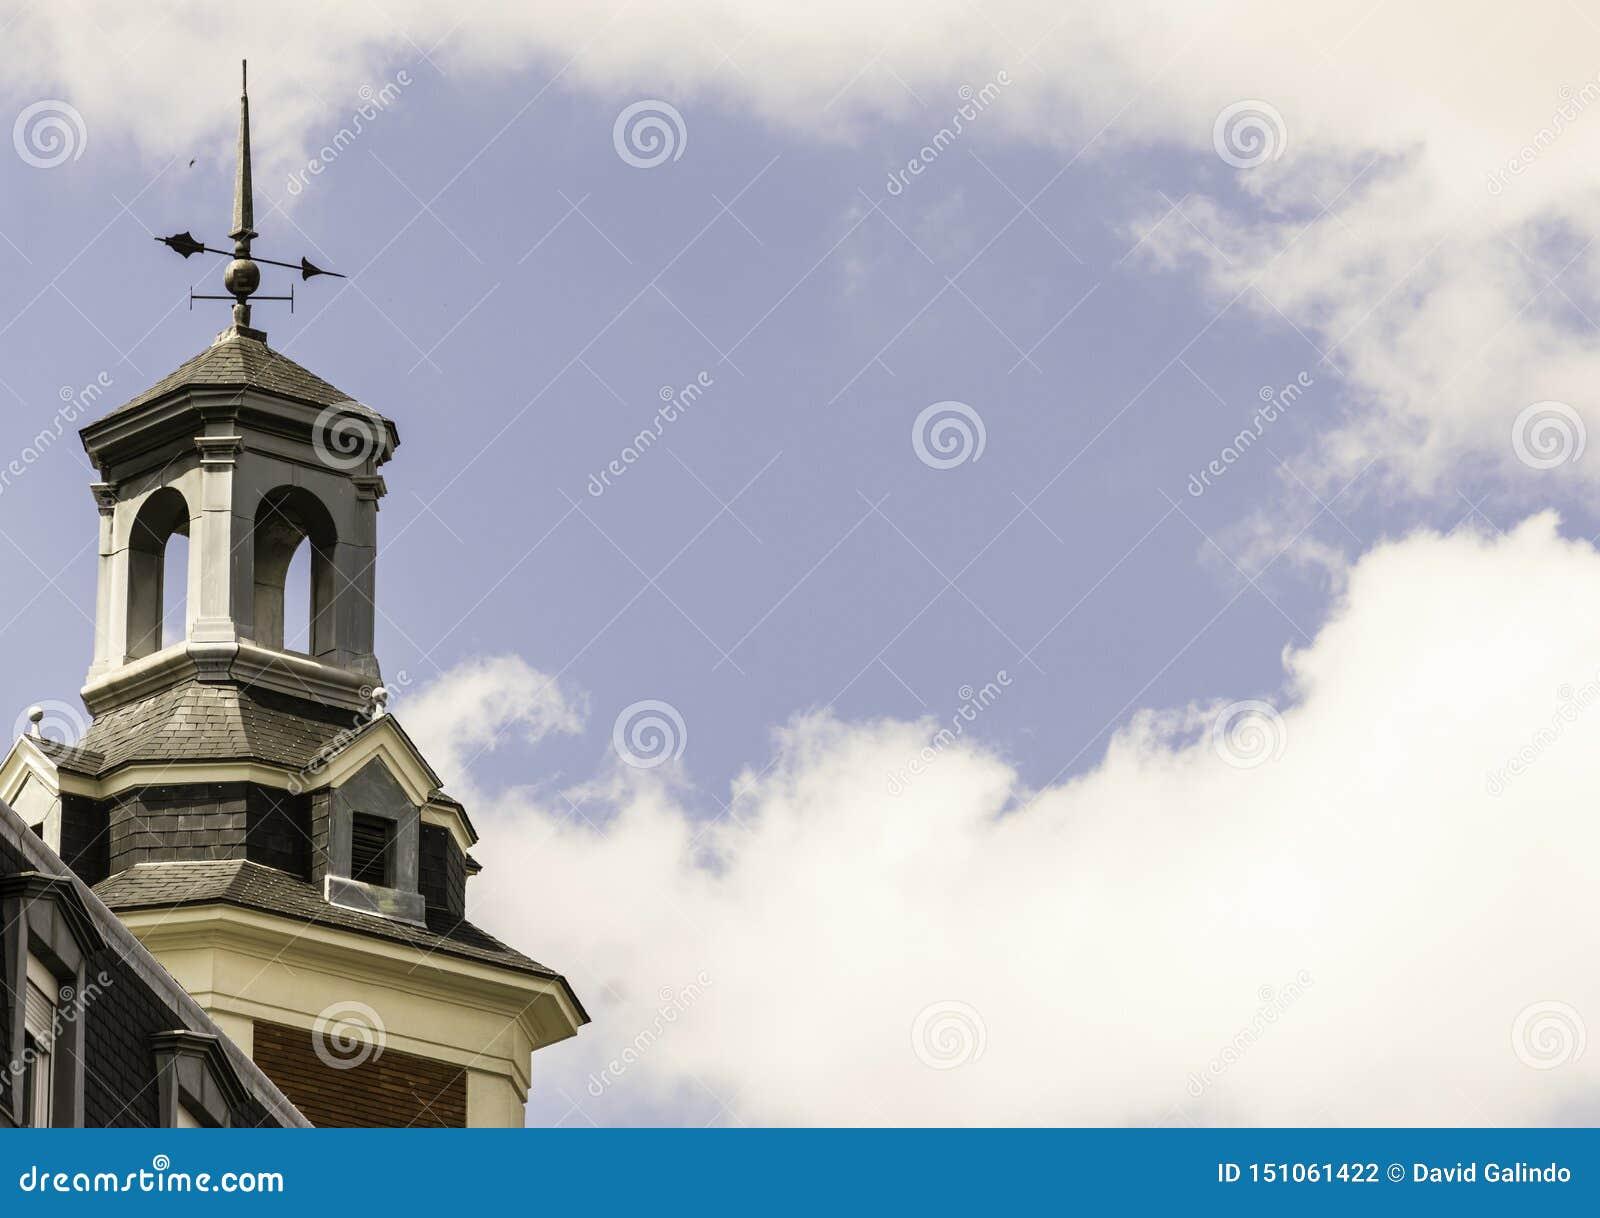 Kerktoren met weathervane en blauwe hemel met wolken